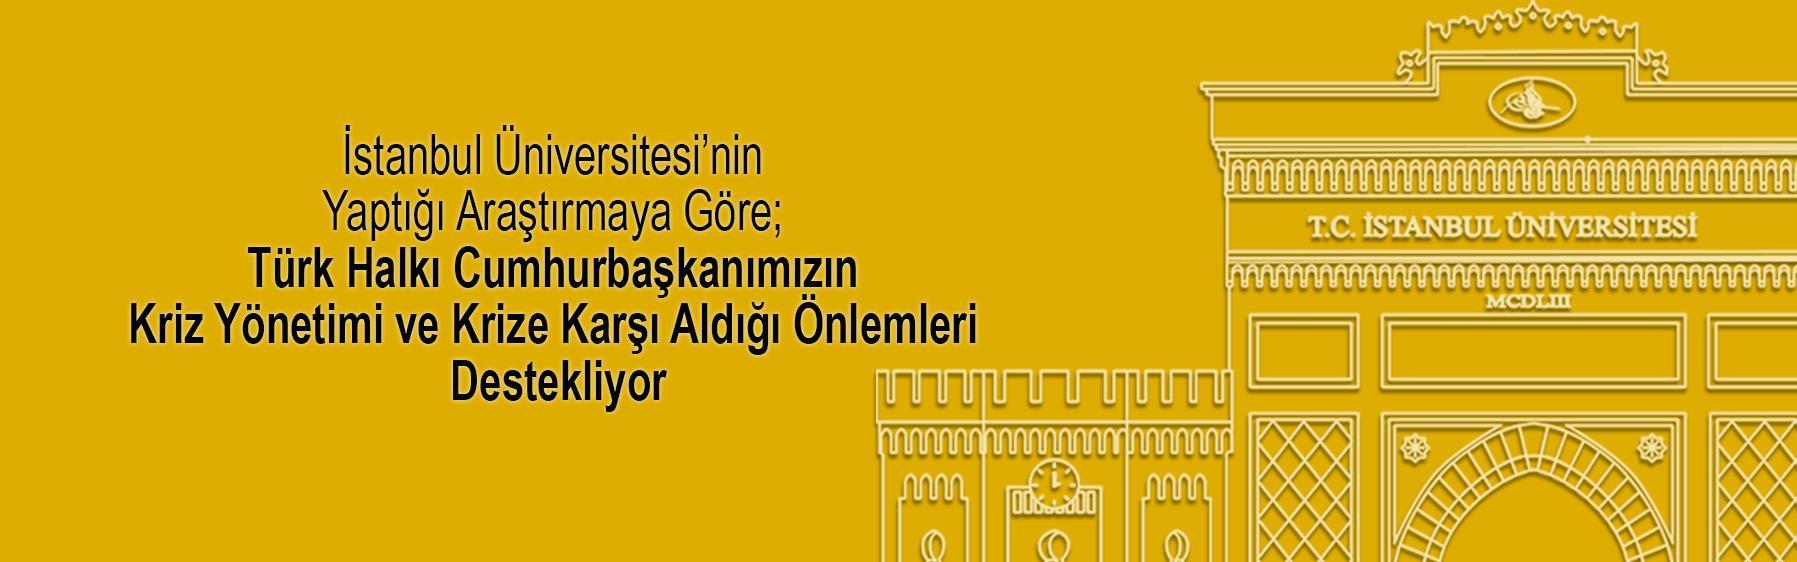 İstanbul-Üniversitesi'nin-Yaptığı-Araştırmaya-Göre;-Türk-Halkı-Cumhurbaşkanımızın-Kriz-Yönetimi-ve-Krize-Karşı-Aldığı-Önlemleri-Destekliyor